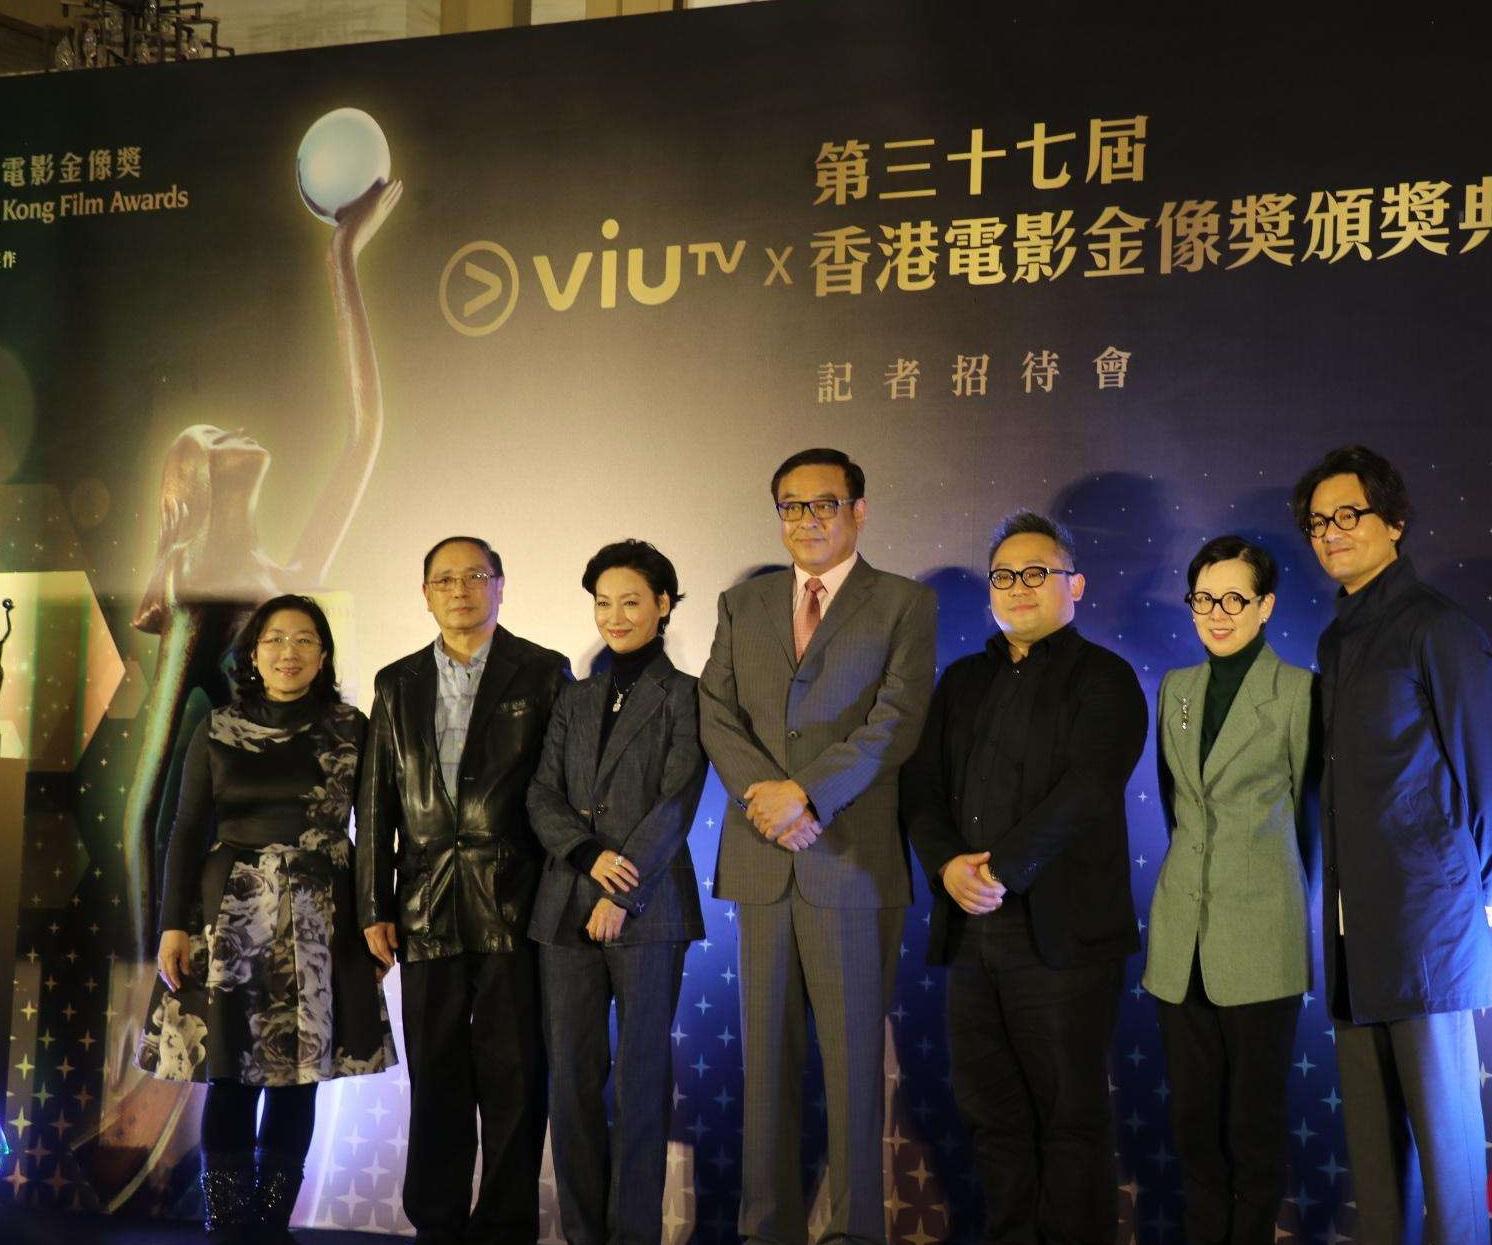 精彩重温:这些获得37届香港电影金像奖提名的电影,你看过几部?